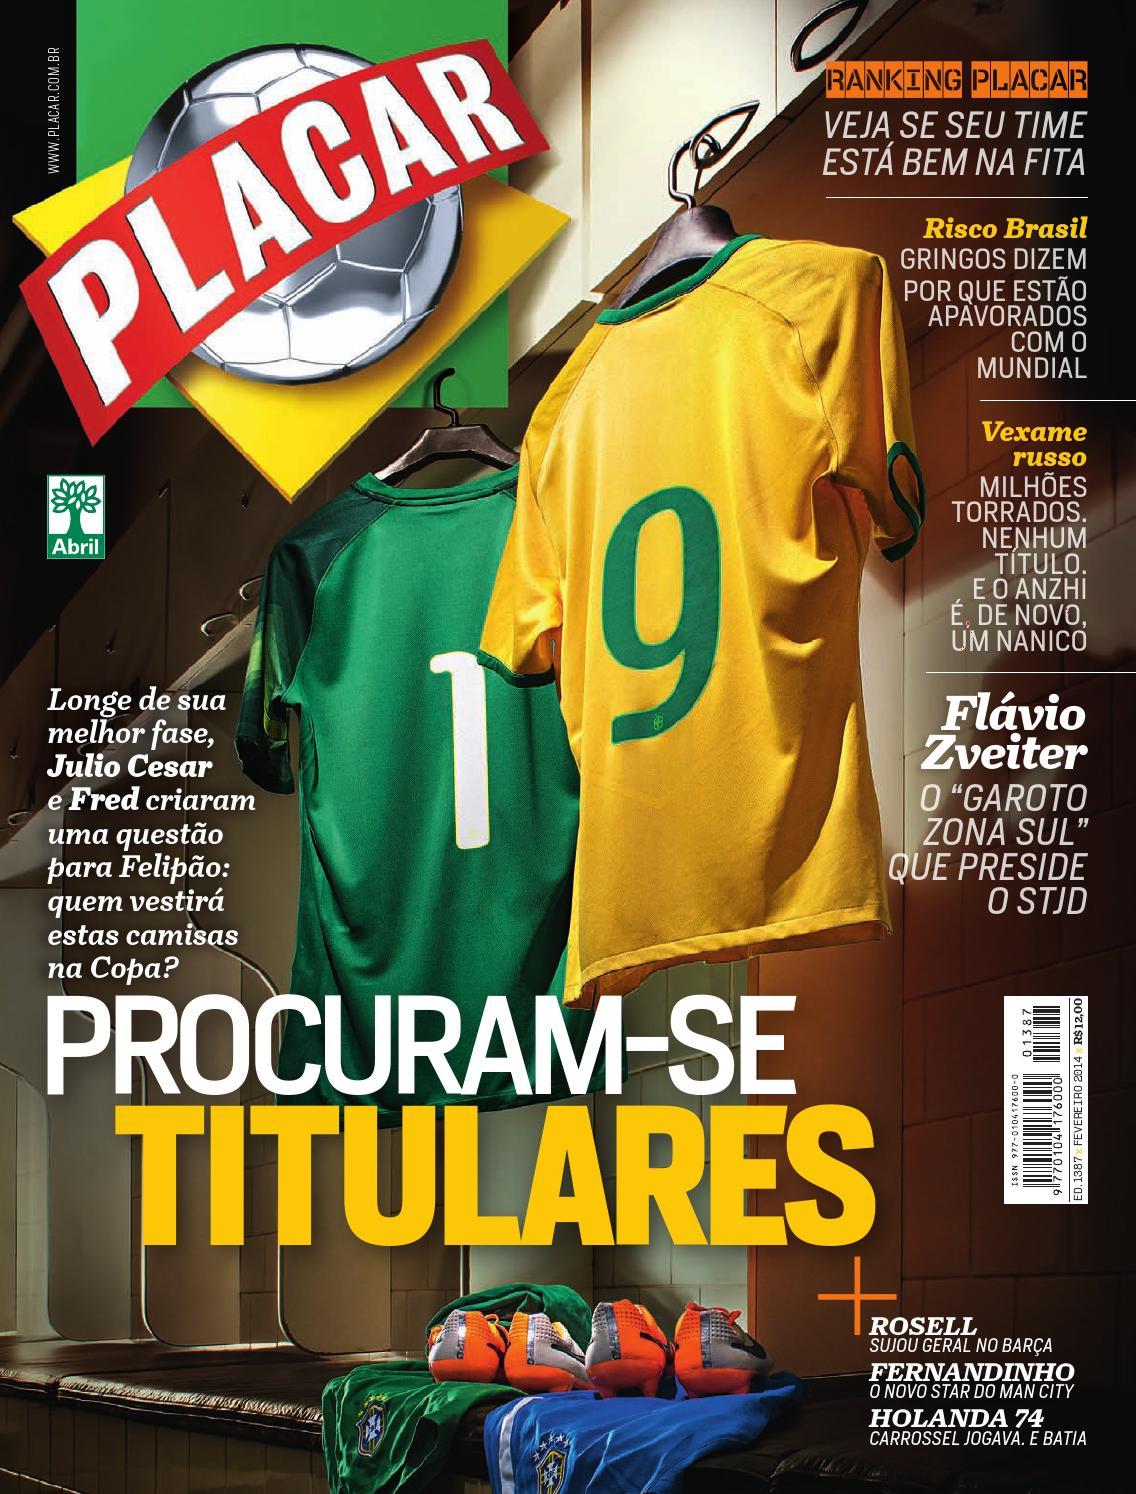 Revista Placar - Editora Abril by Revista Placar - issuu e9761e13ba8bd